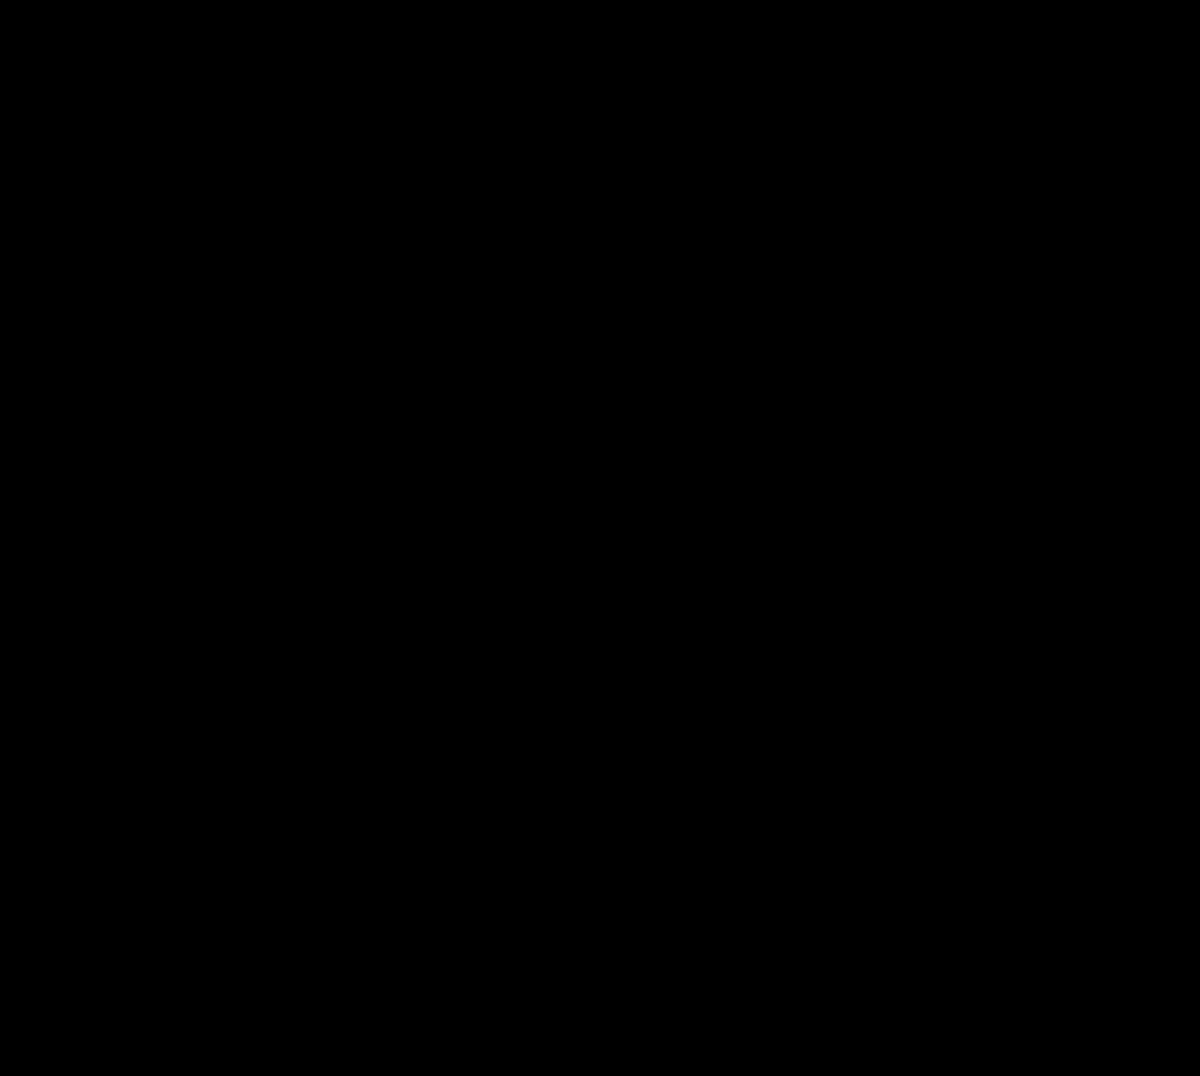 benzodiazepine